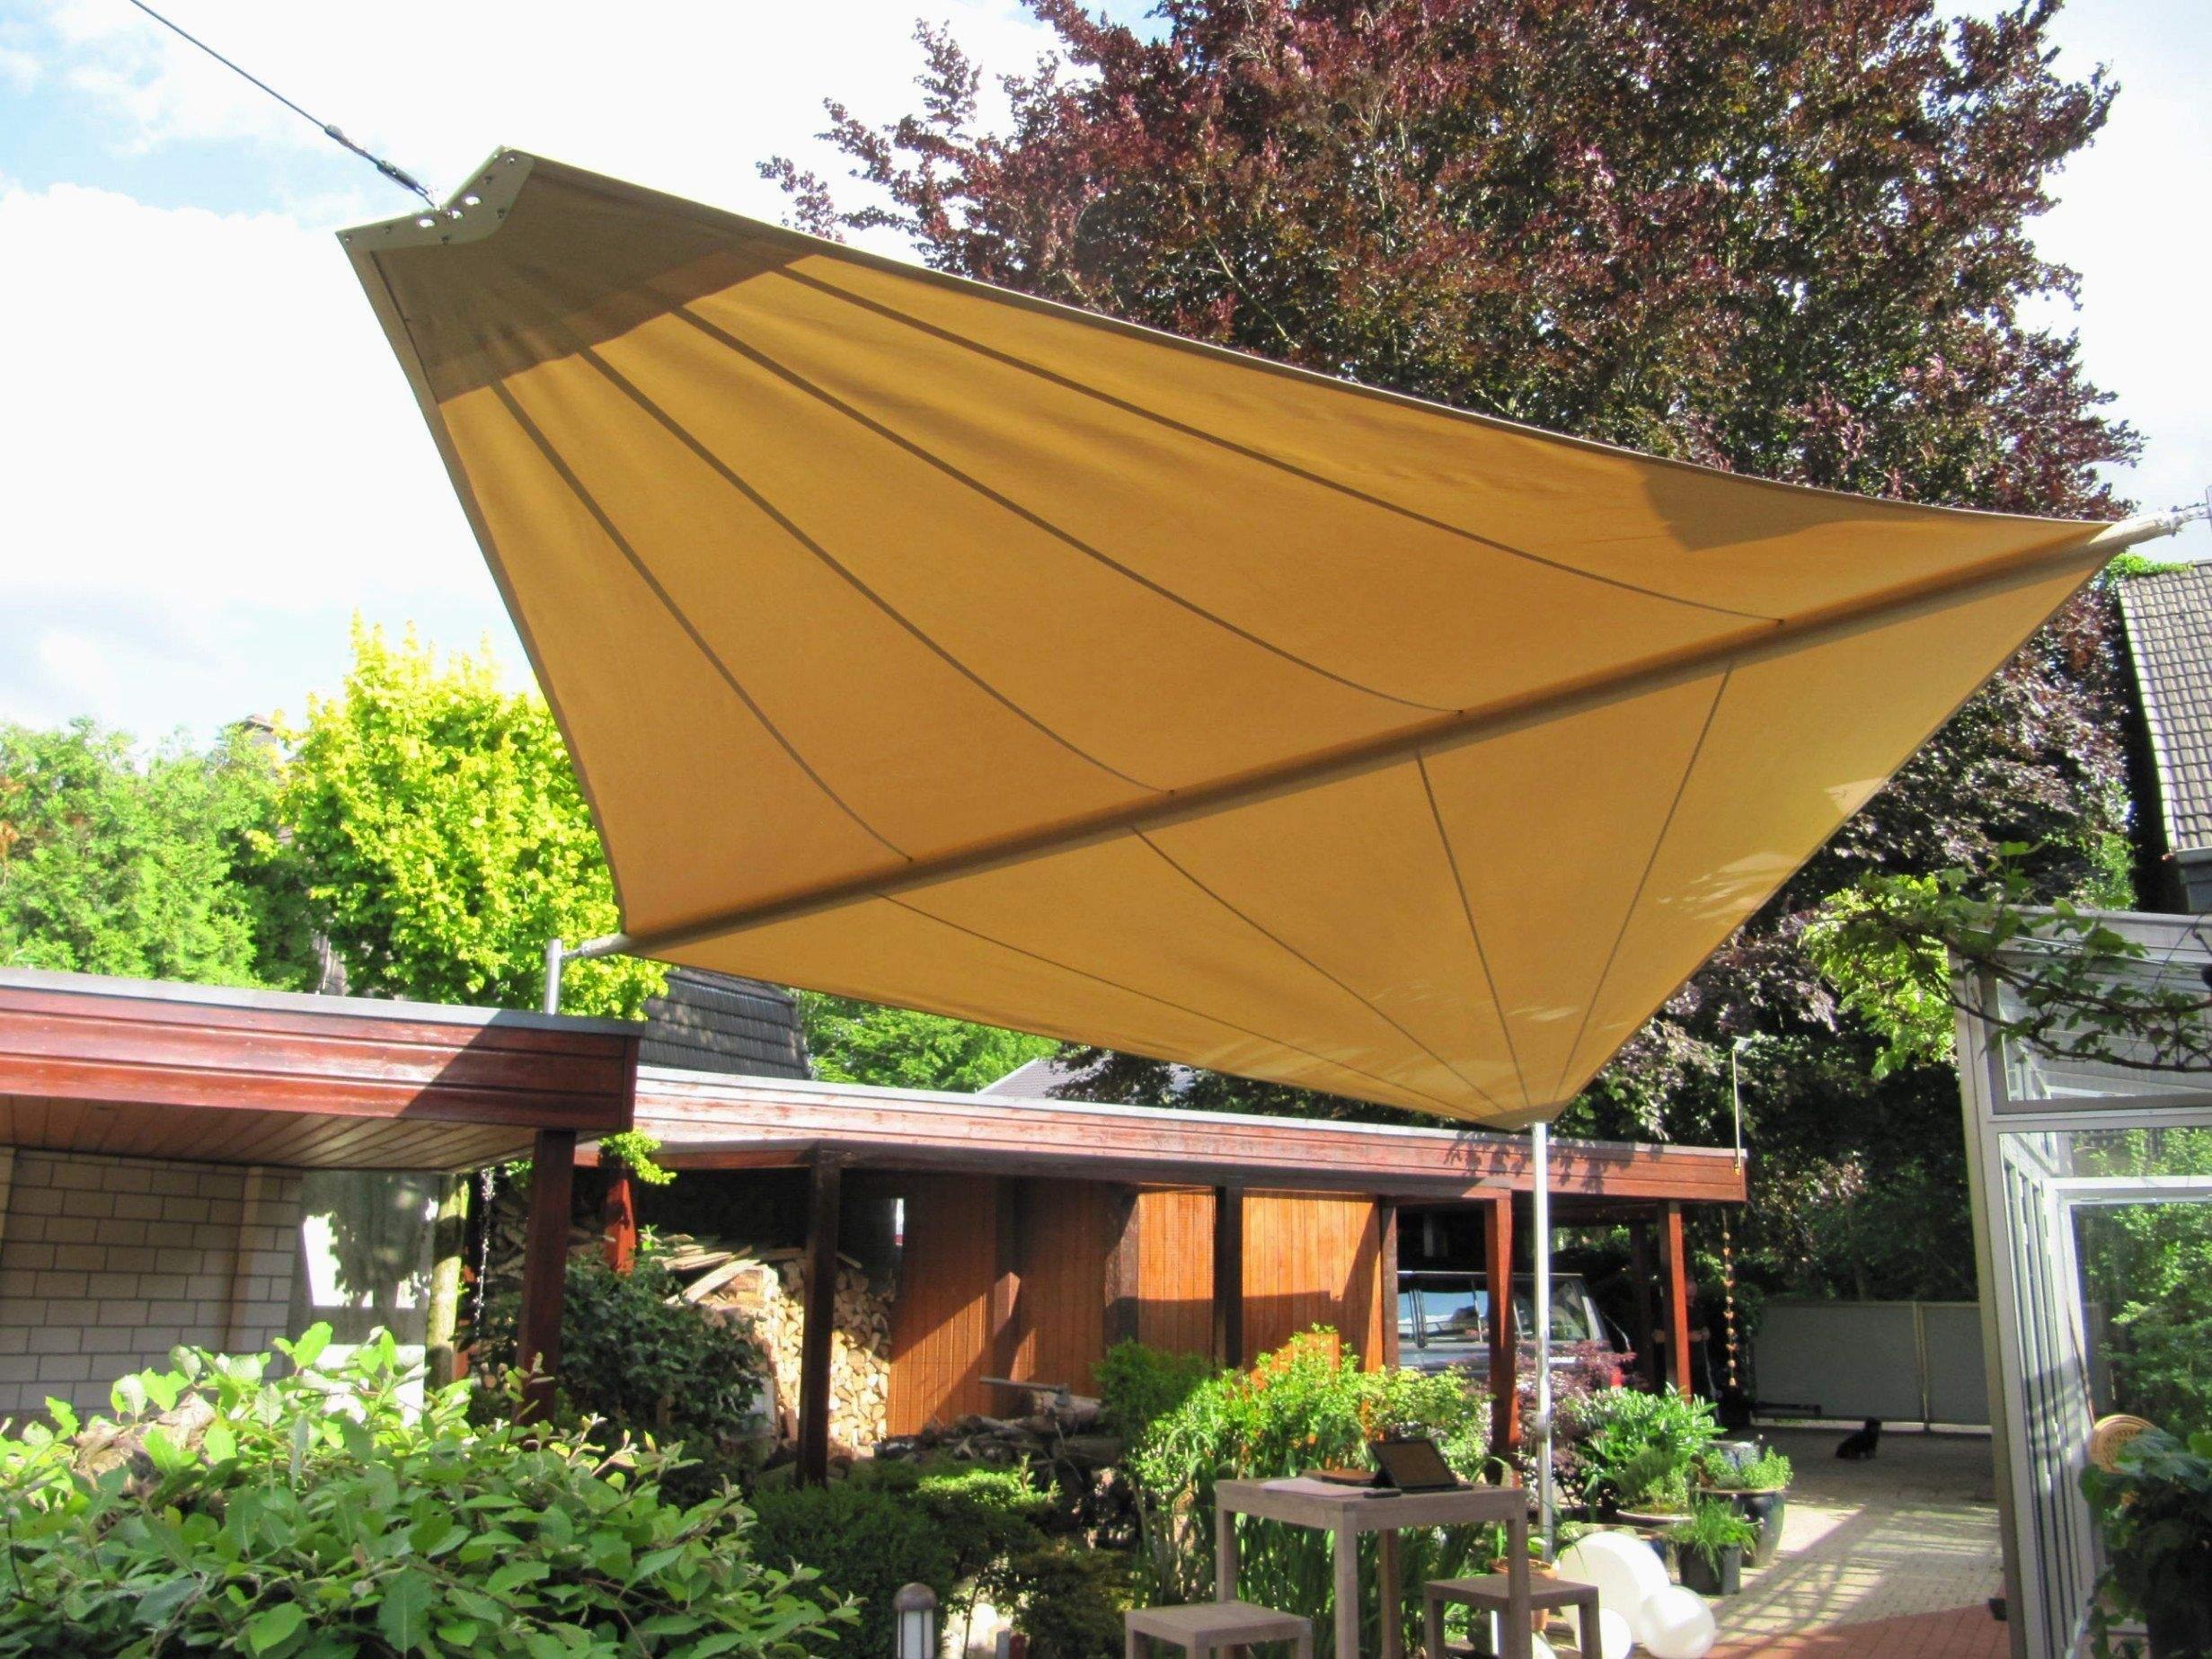 ideen sichtschutz garten neu gartengestaltung ideen sichtschutz gewohnliche terrasse of ideen sichtschutz garten